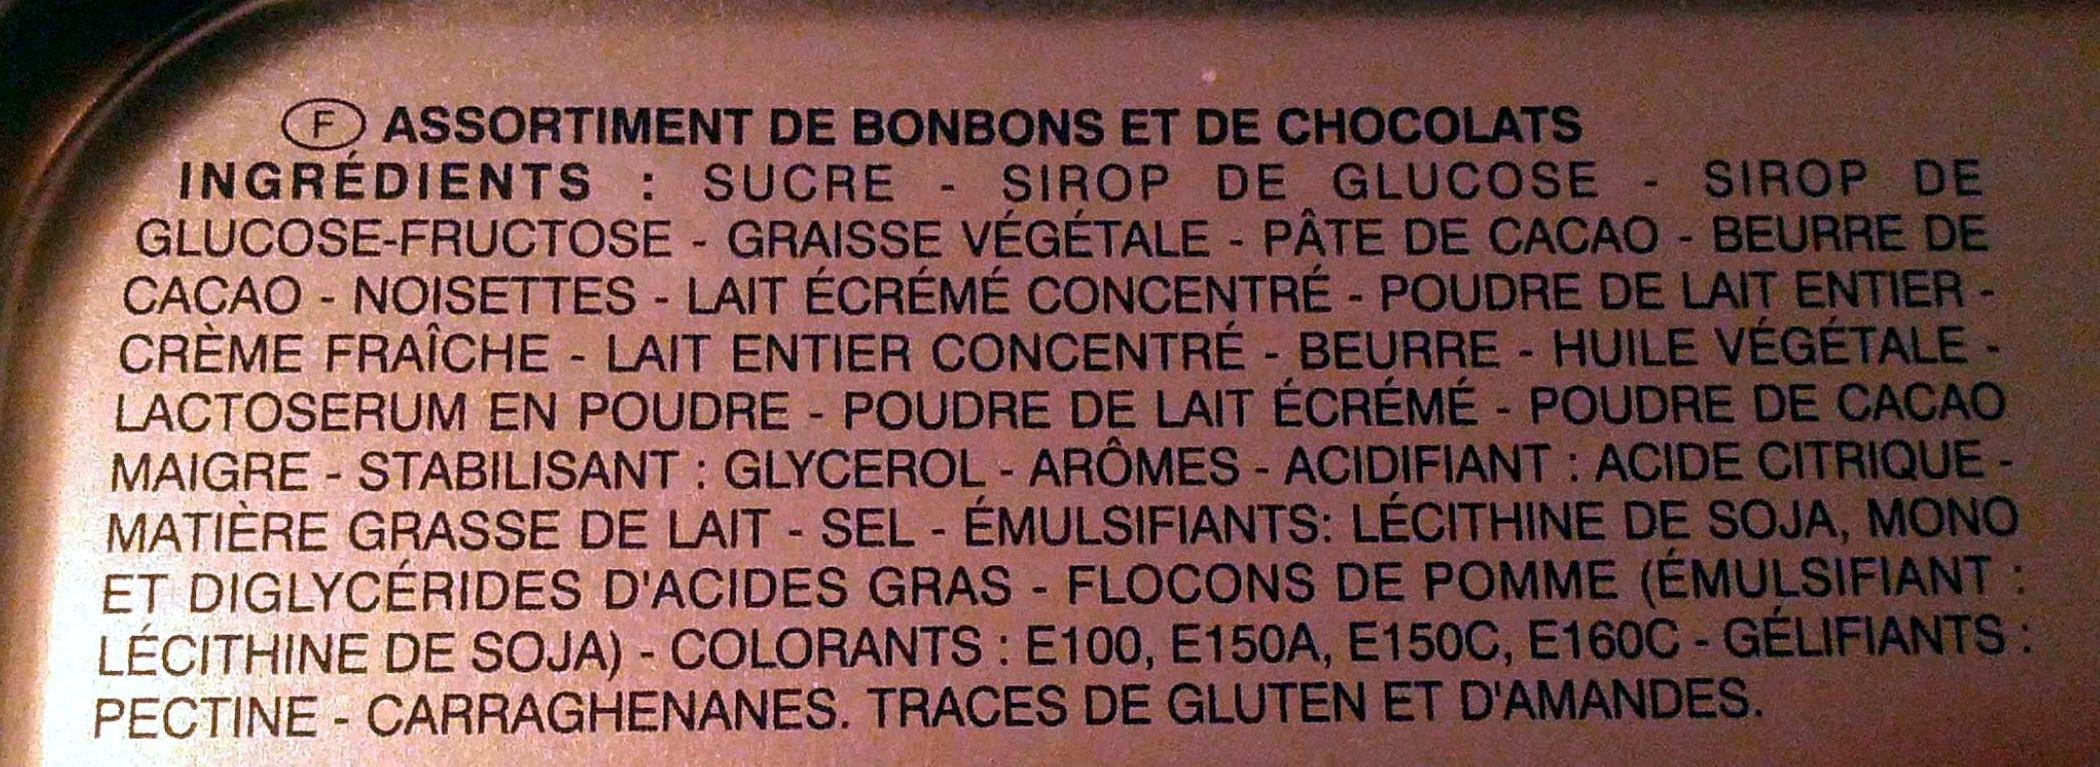 Sélection gourmande bonbons & chocolats - Ingrédients